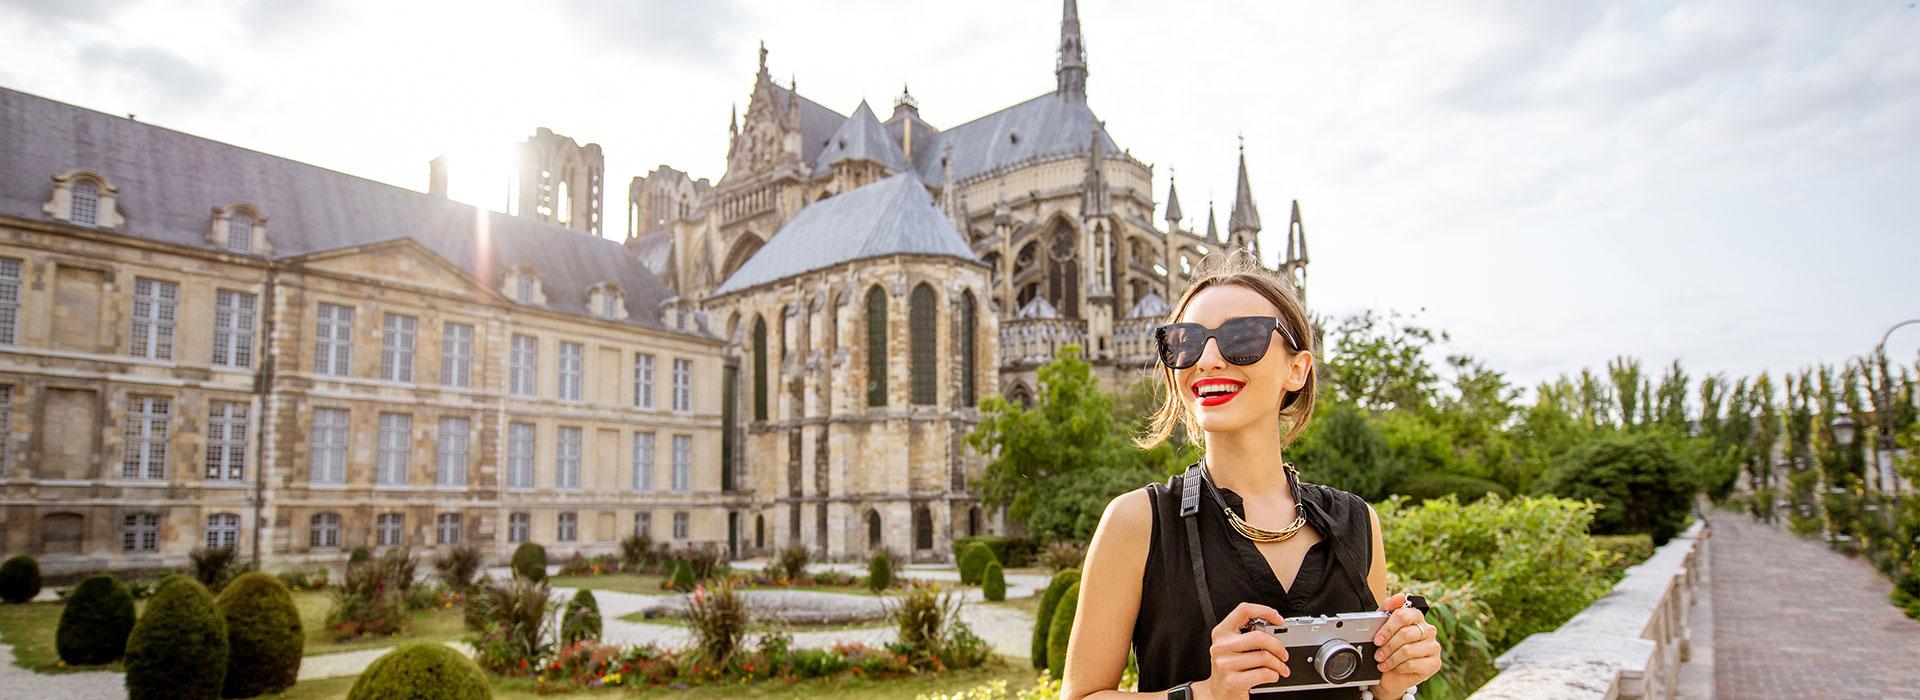 Champagne, Histoire, Voyage, Agence de Voyages, Agence Réceptive, Lisela, Grand Est